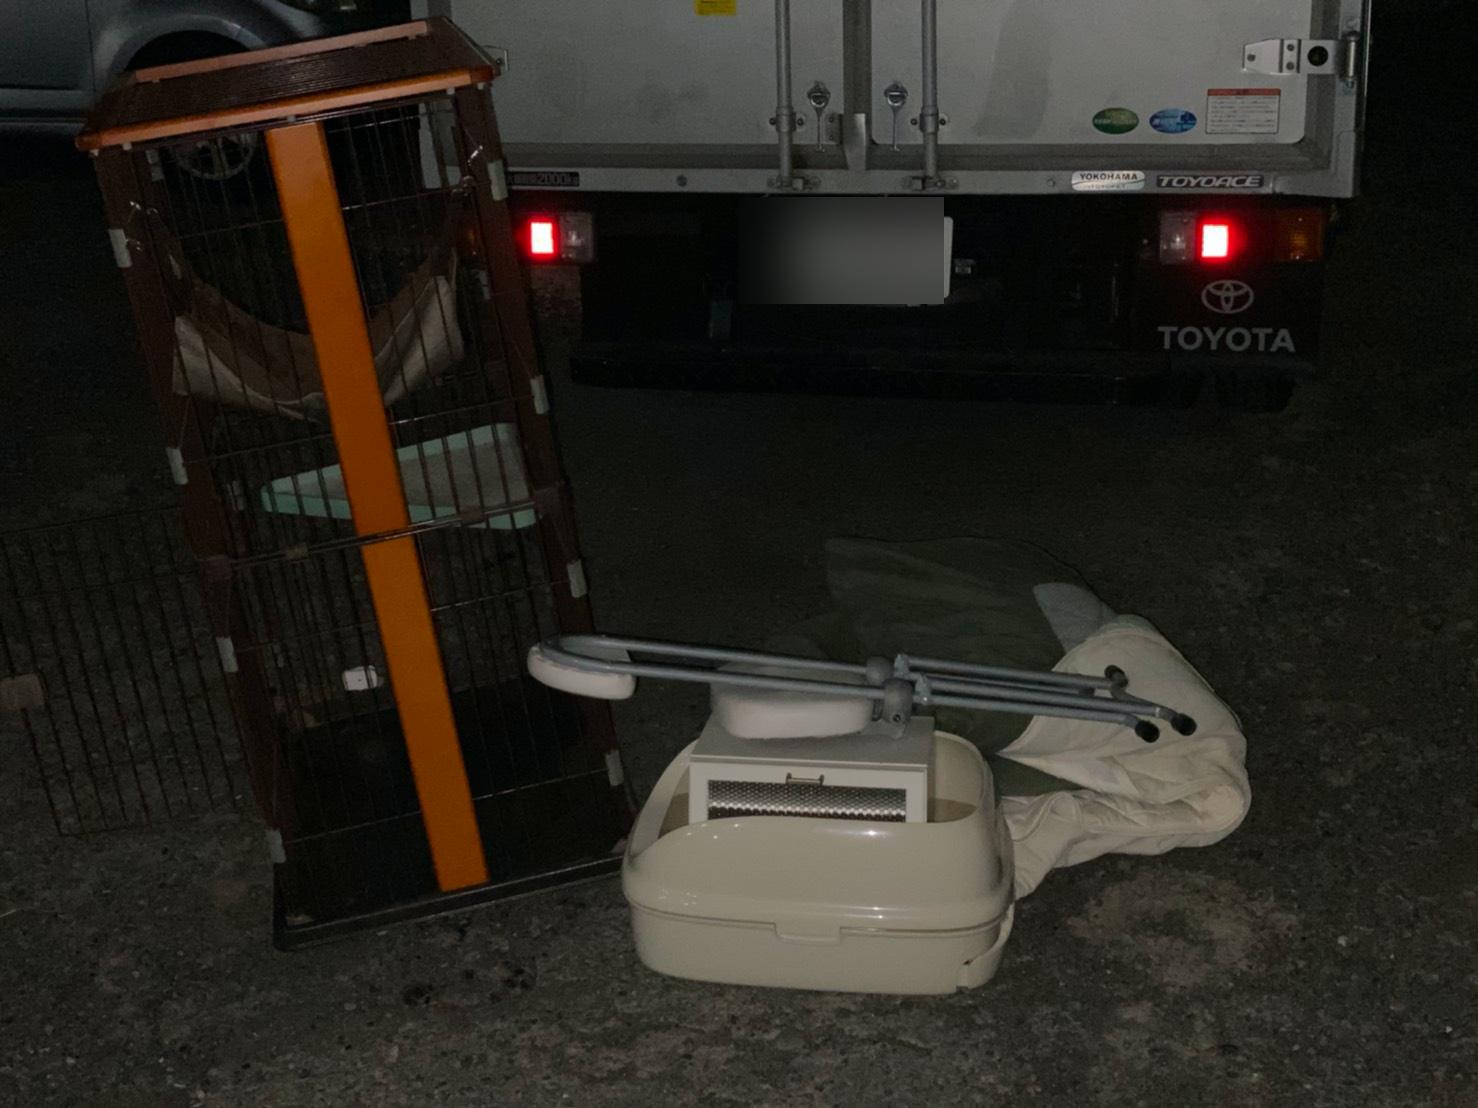 神奈川県横浜市の犬小屋・ペットゲージの回収前